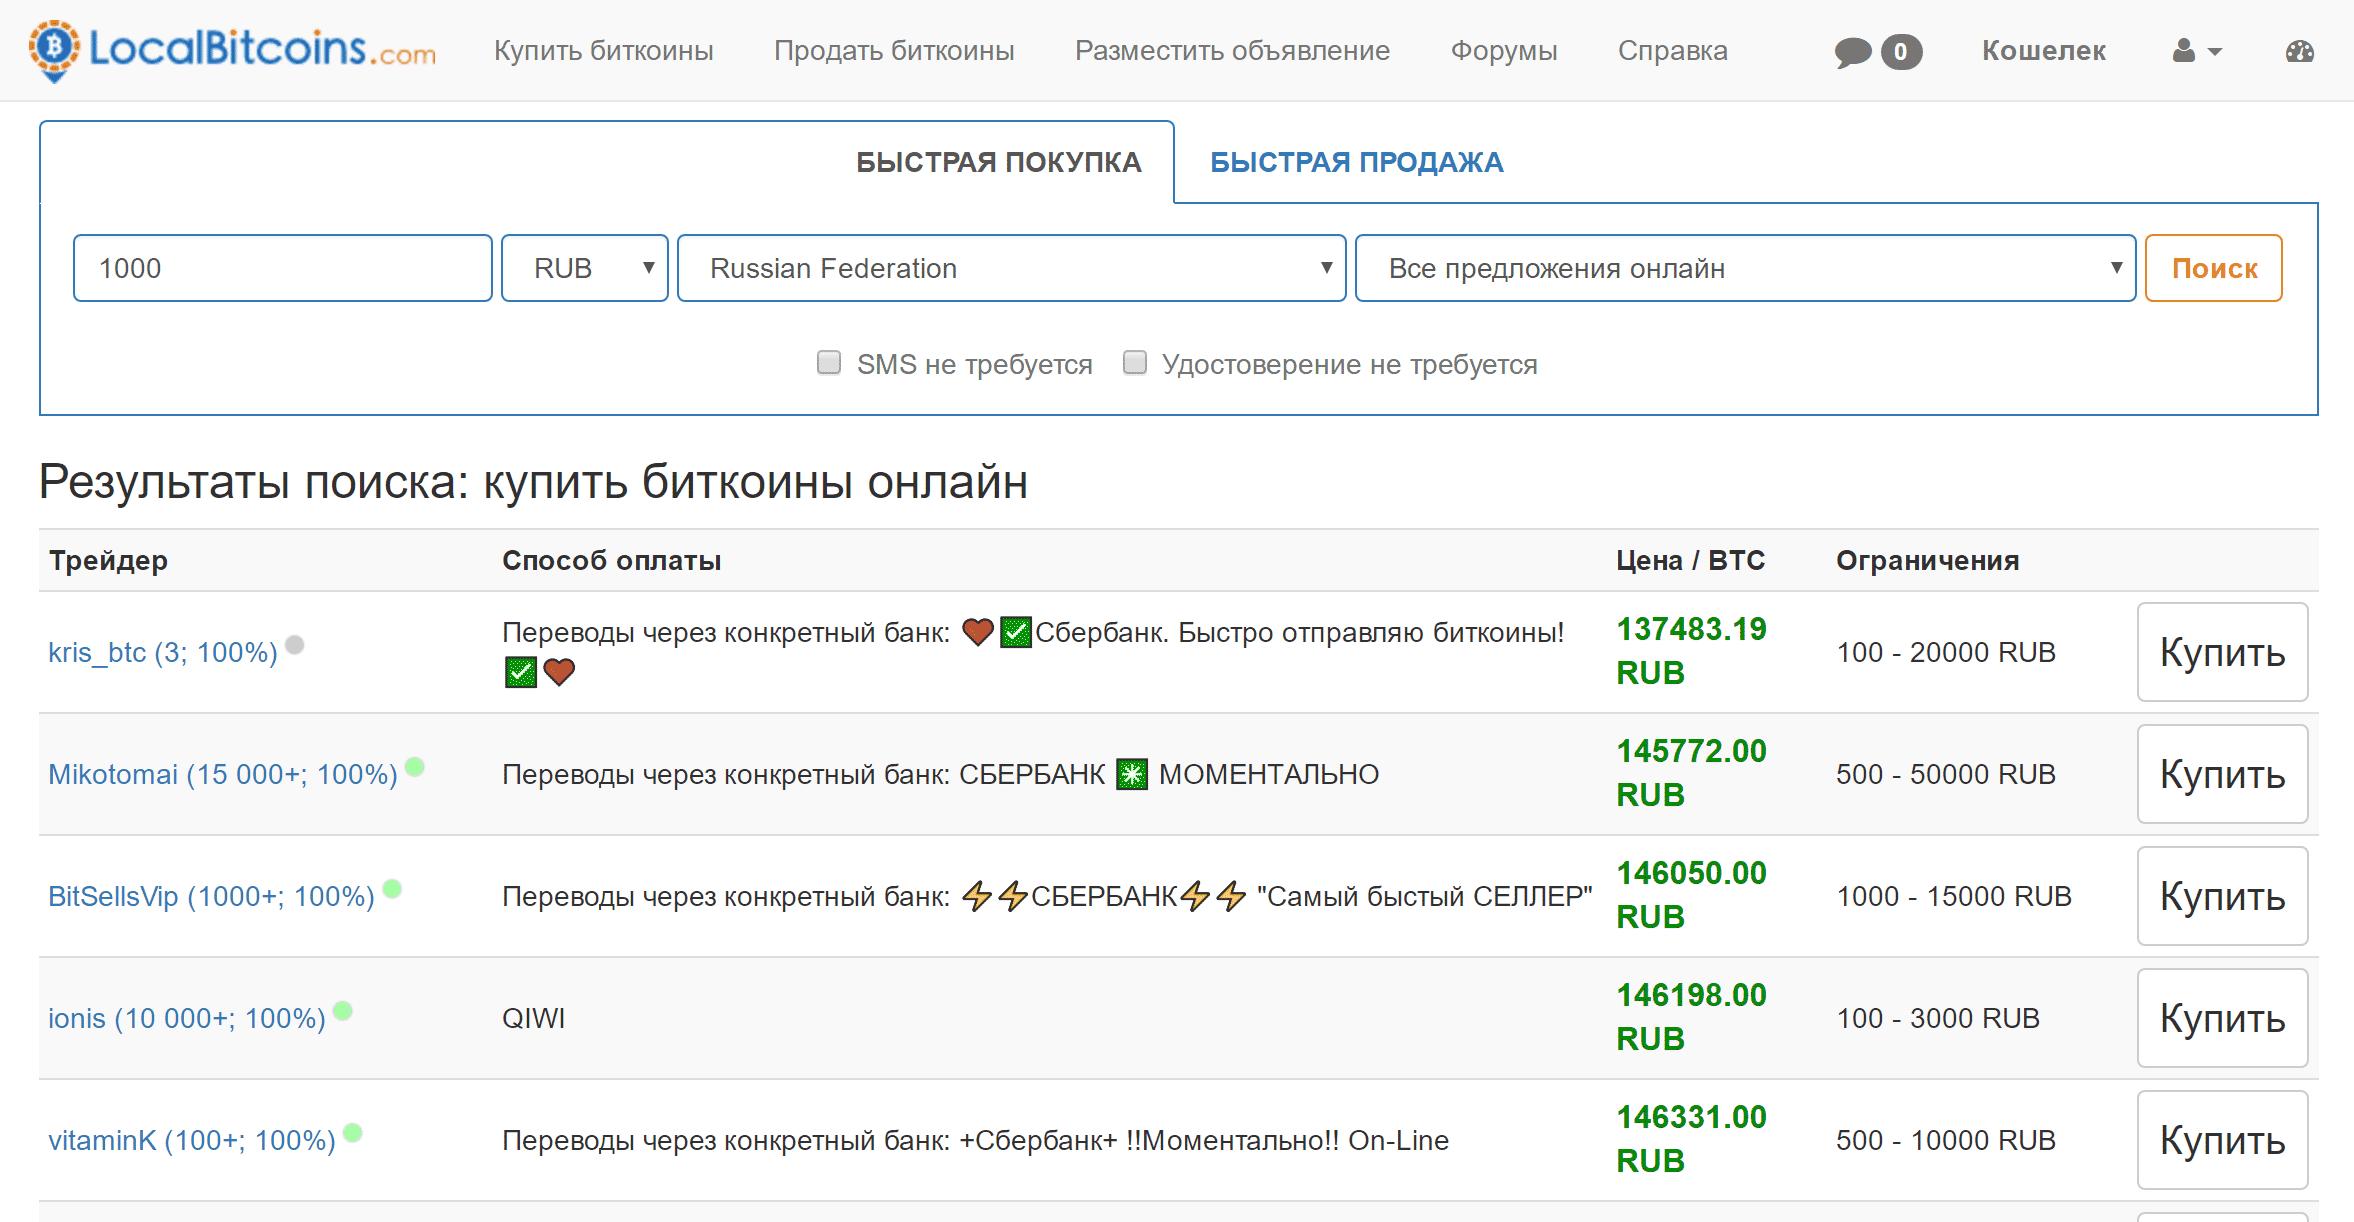 hogyan lehet bitcoinokat találni a merevlemezen)